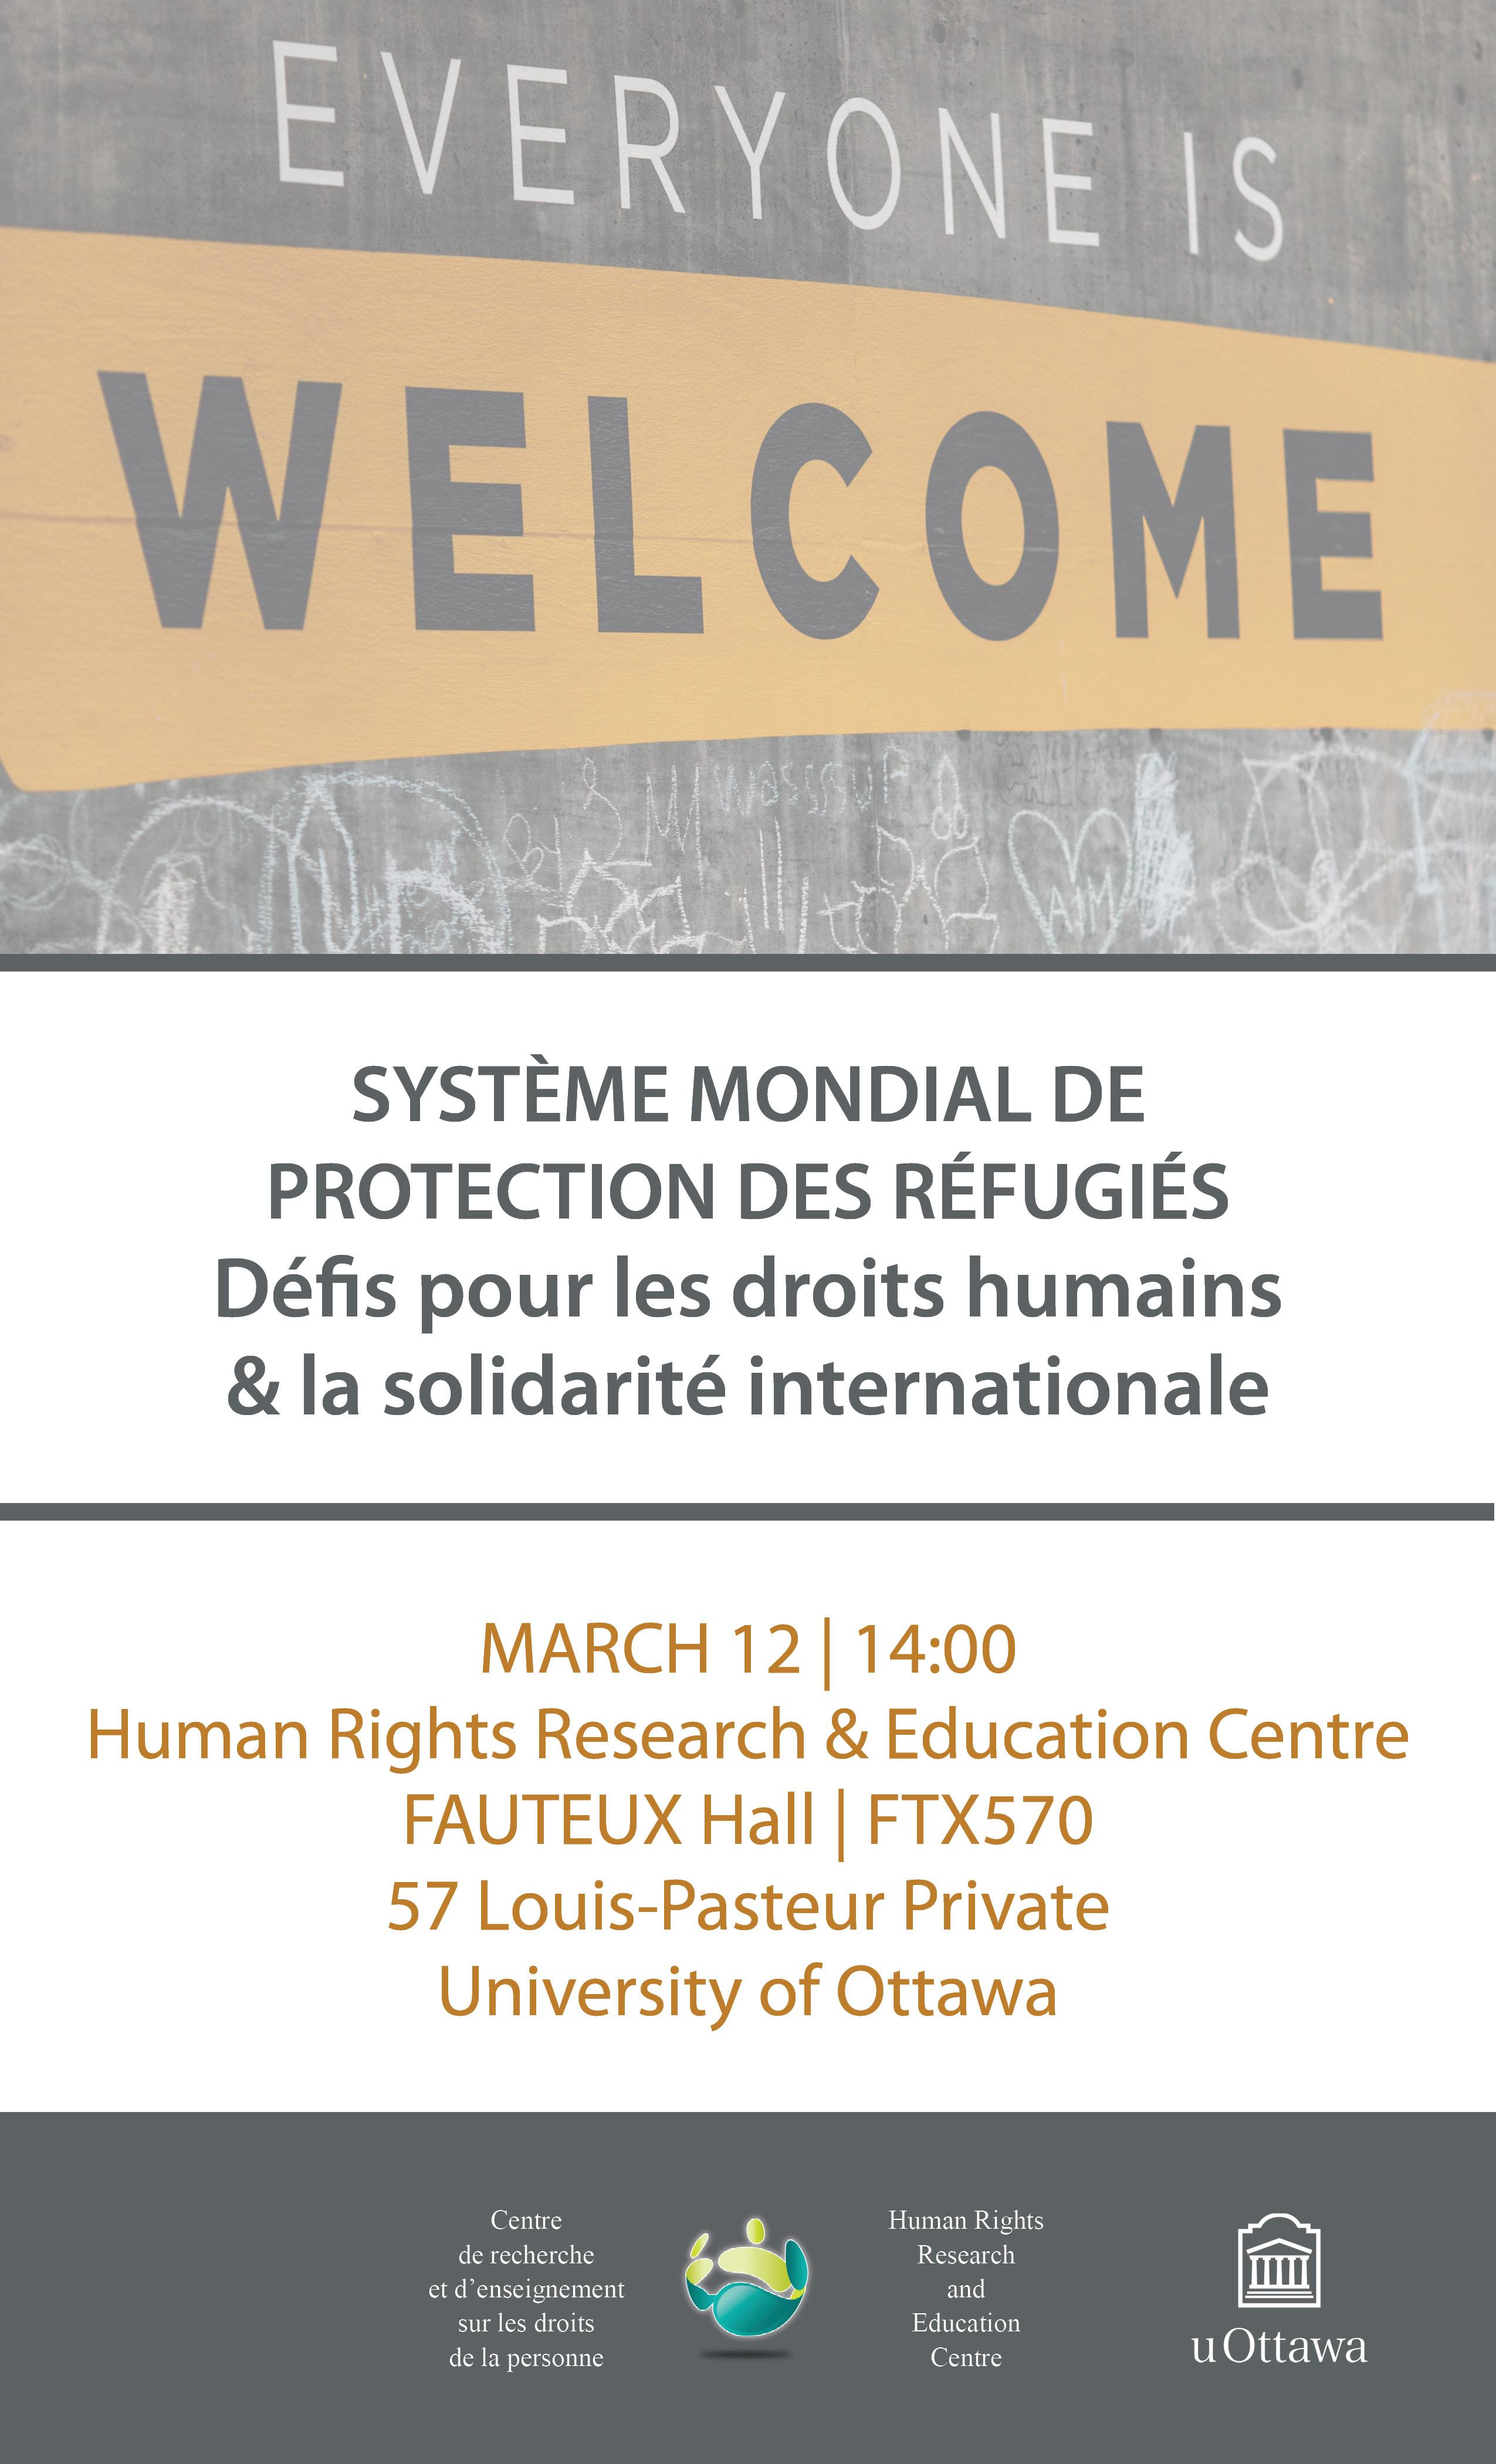 12 mars - Système mondial de protection des réfugiés avec professeur Obiora C. Okafor